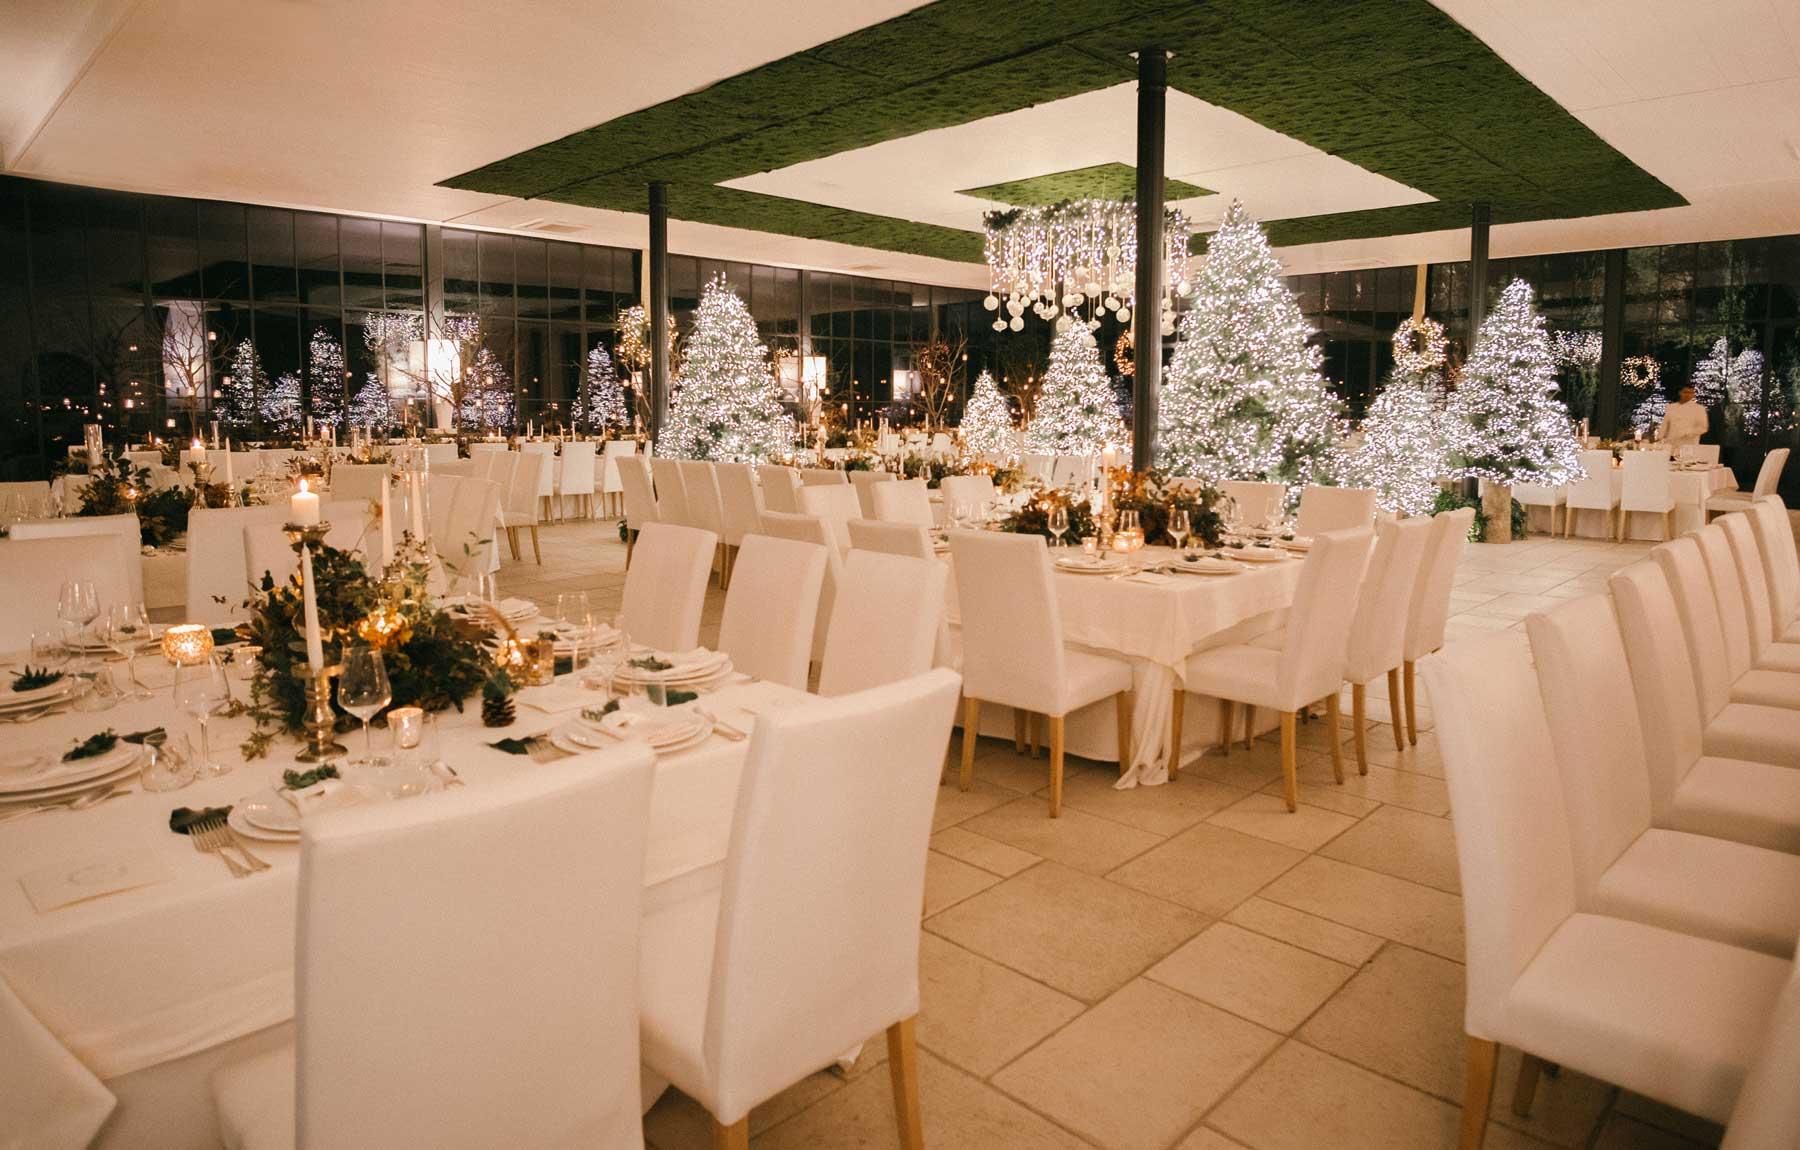 Matrimonio In Dicembre : Matrimonio a dicembre serra sala ricevimenti foggia